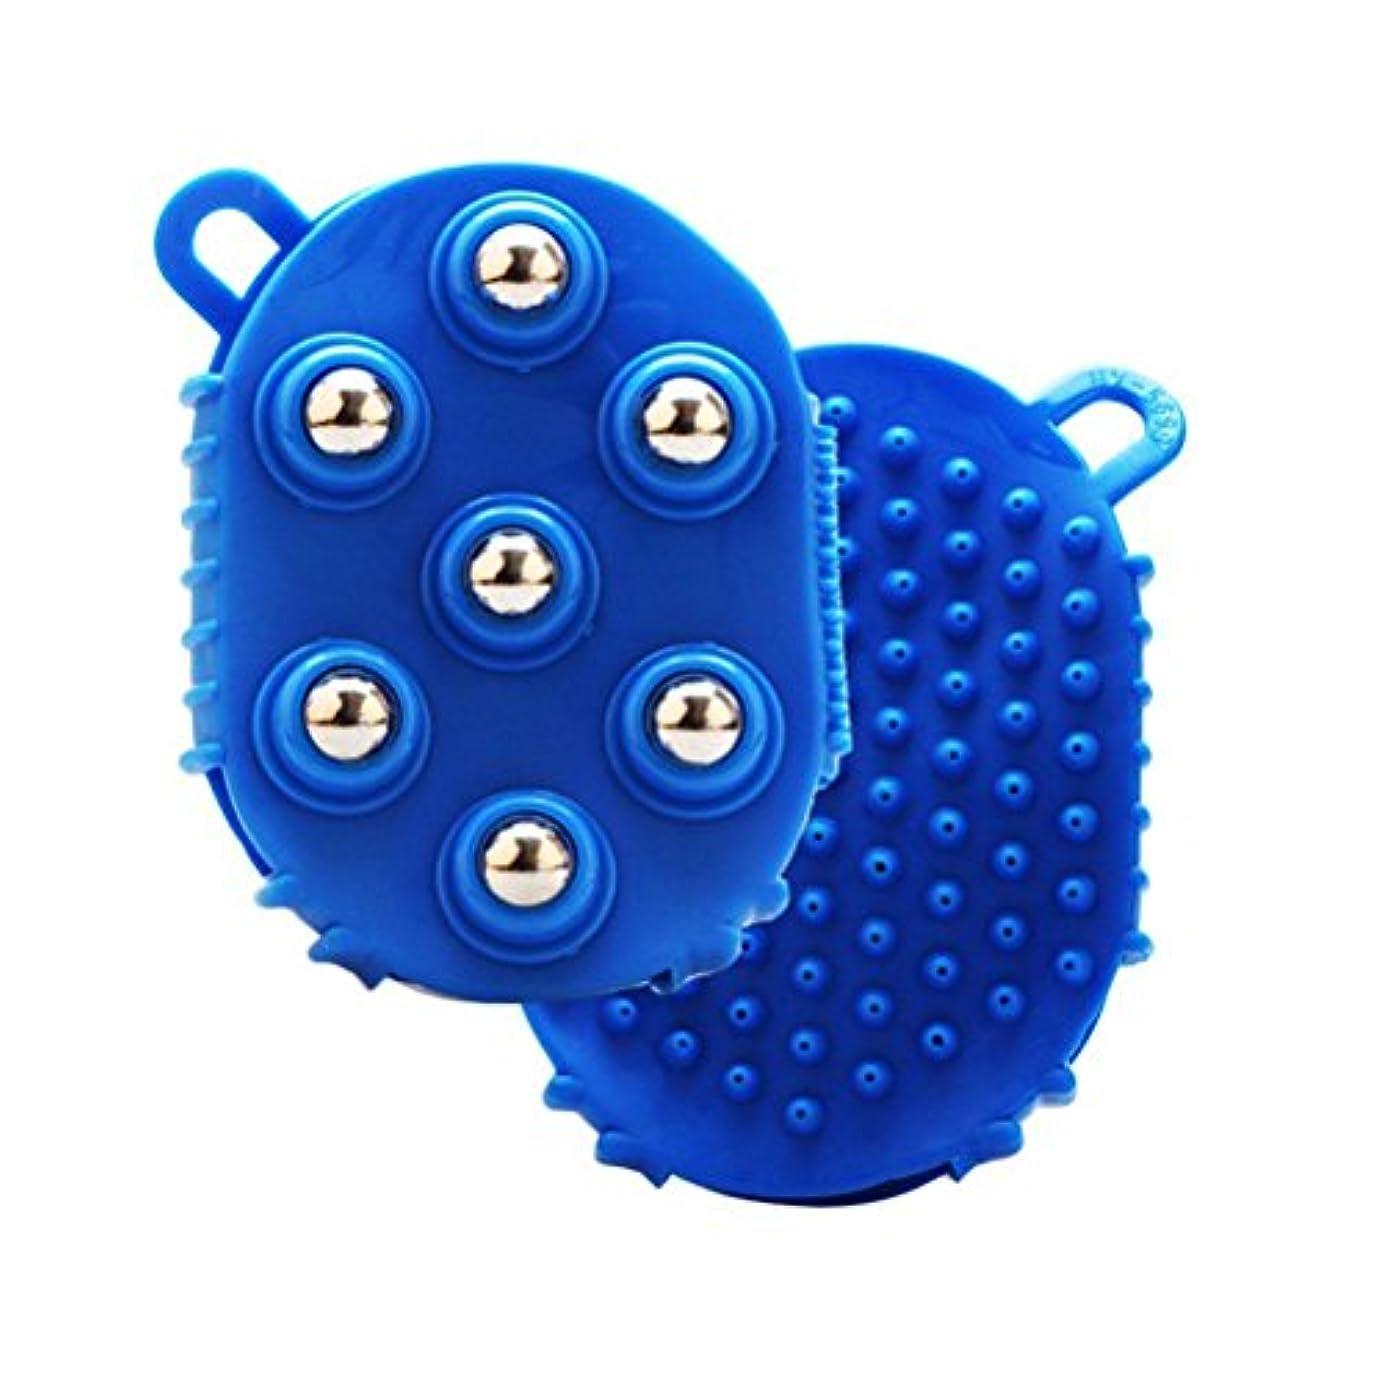 野心的ブラウザ成果ULTNICE マッサージブラシ グローブバスブラシ 金属ローリングボール 痛みの筋肉の痛みを軽減する(青)